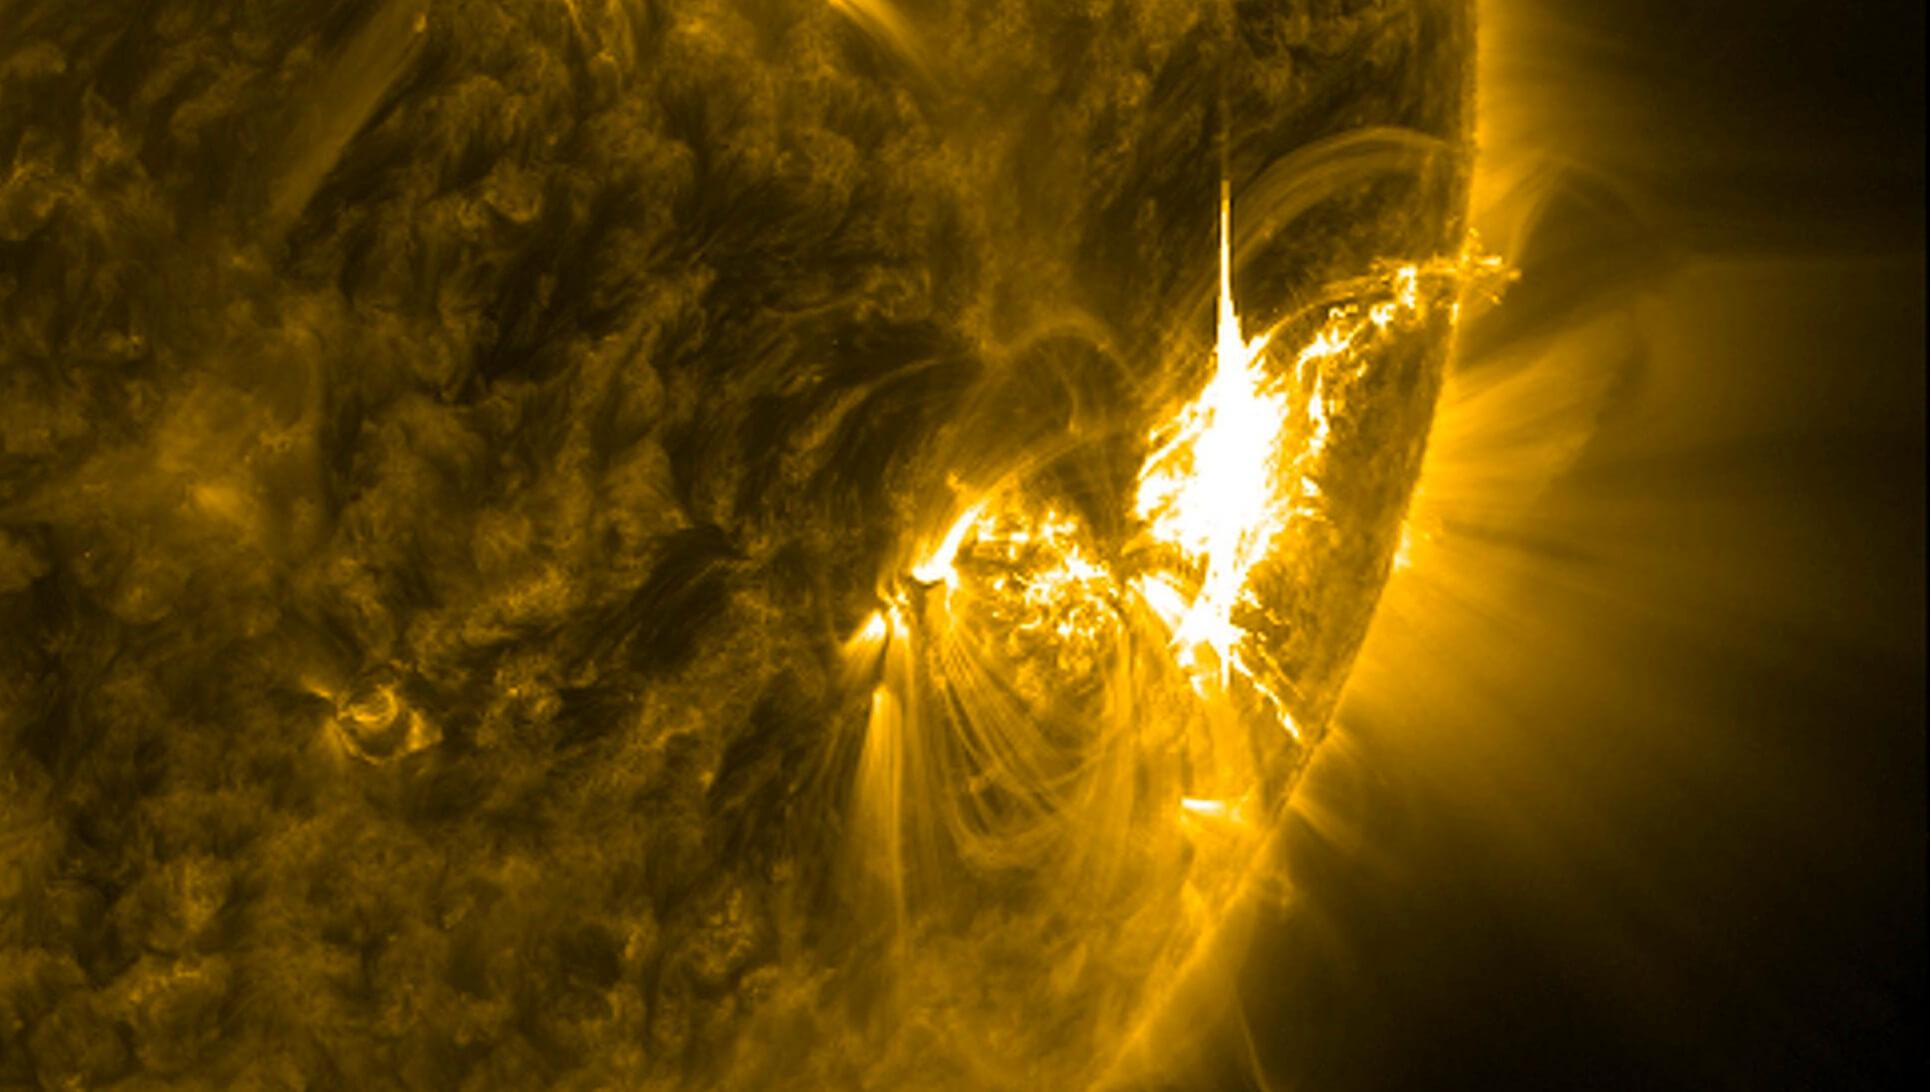 Последствия сверхвспышки на Солнце будут для Земли катастрофическими